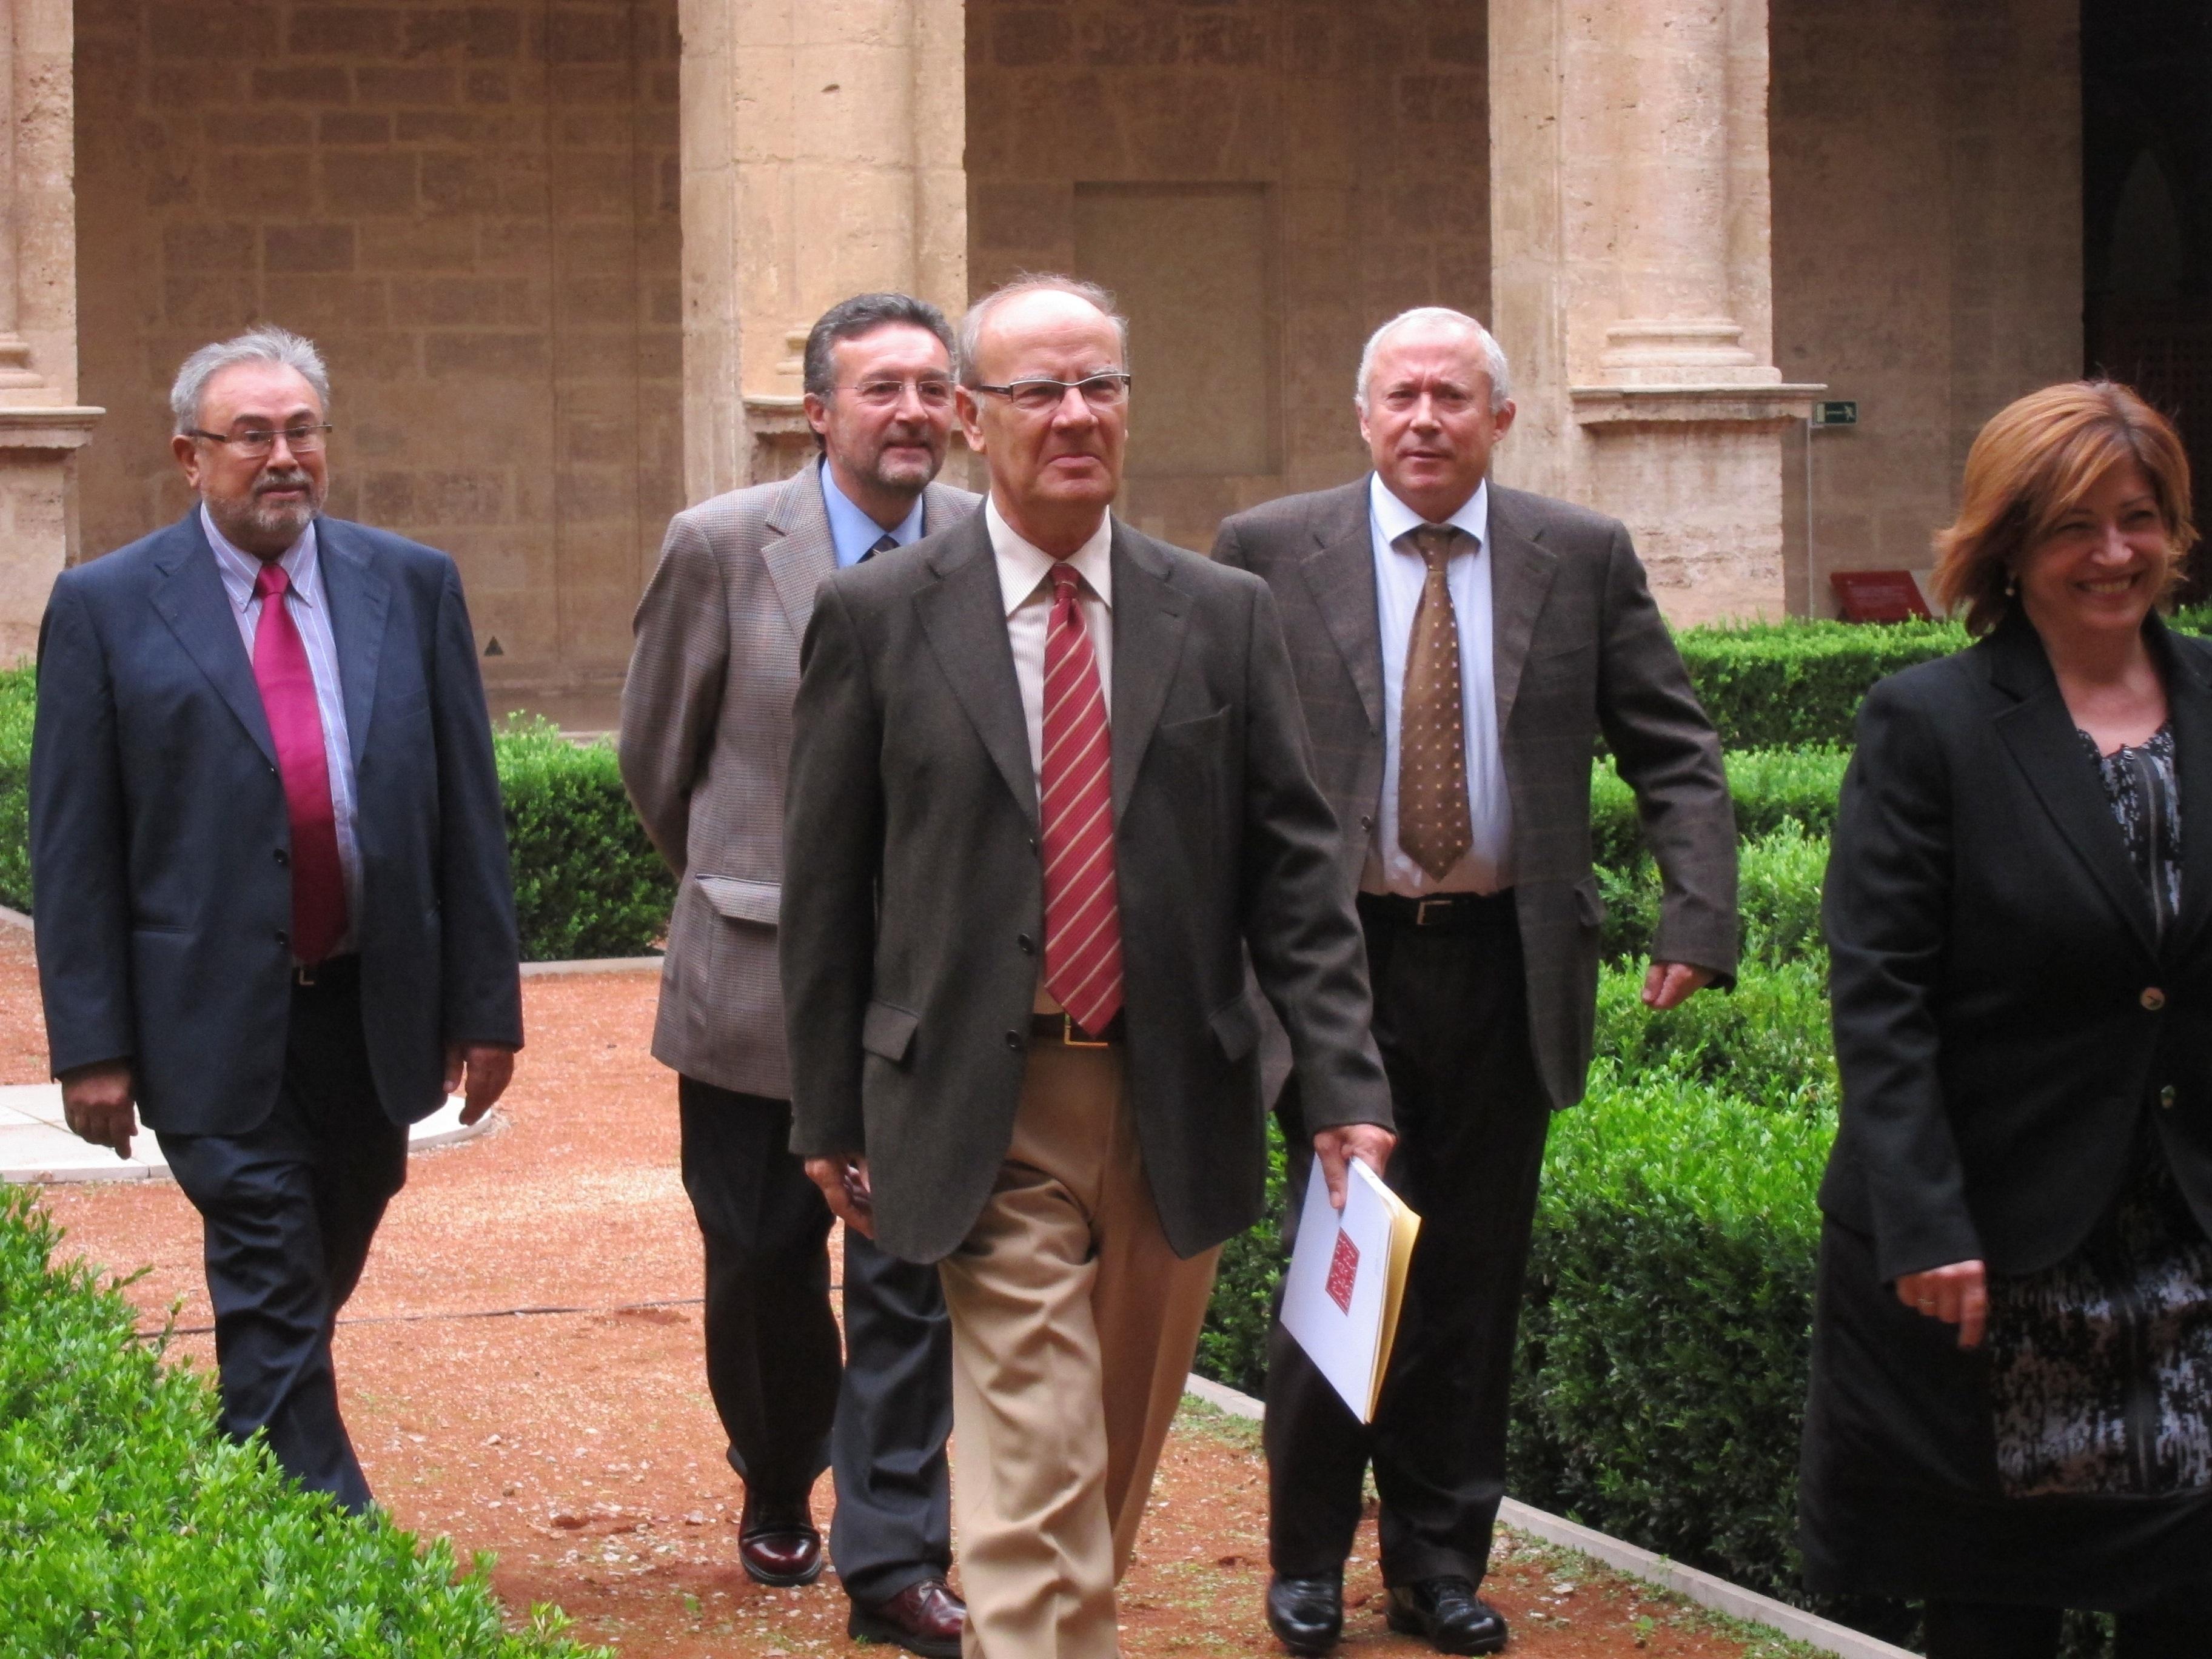 Academia valenciana de la lengua dice que PP vulnera el ordenamiento jurídico con su propuesta del origen del valenciano